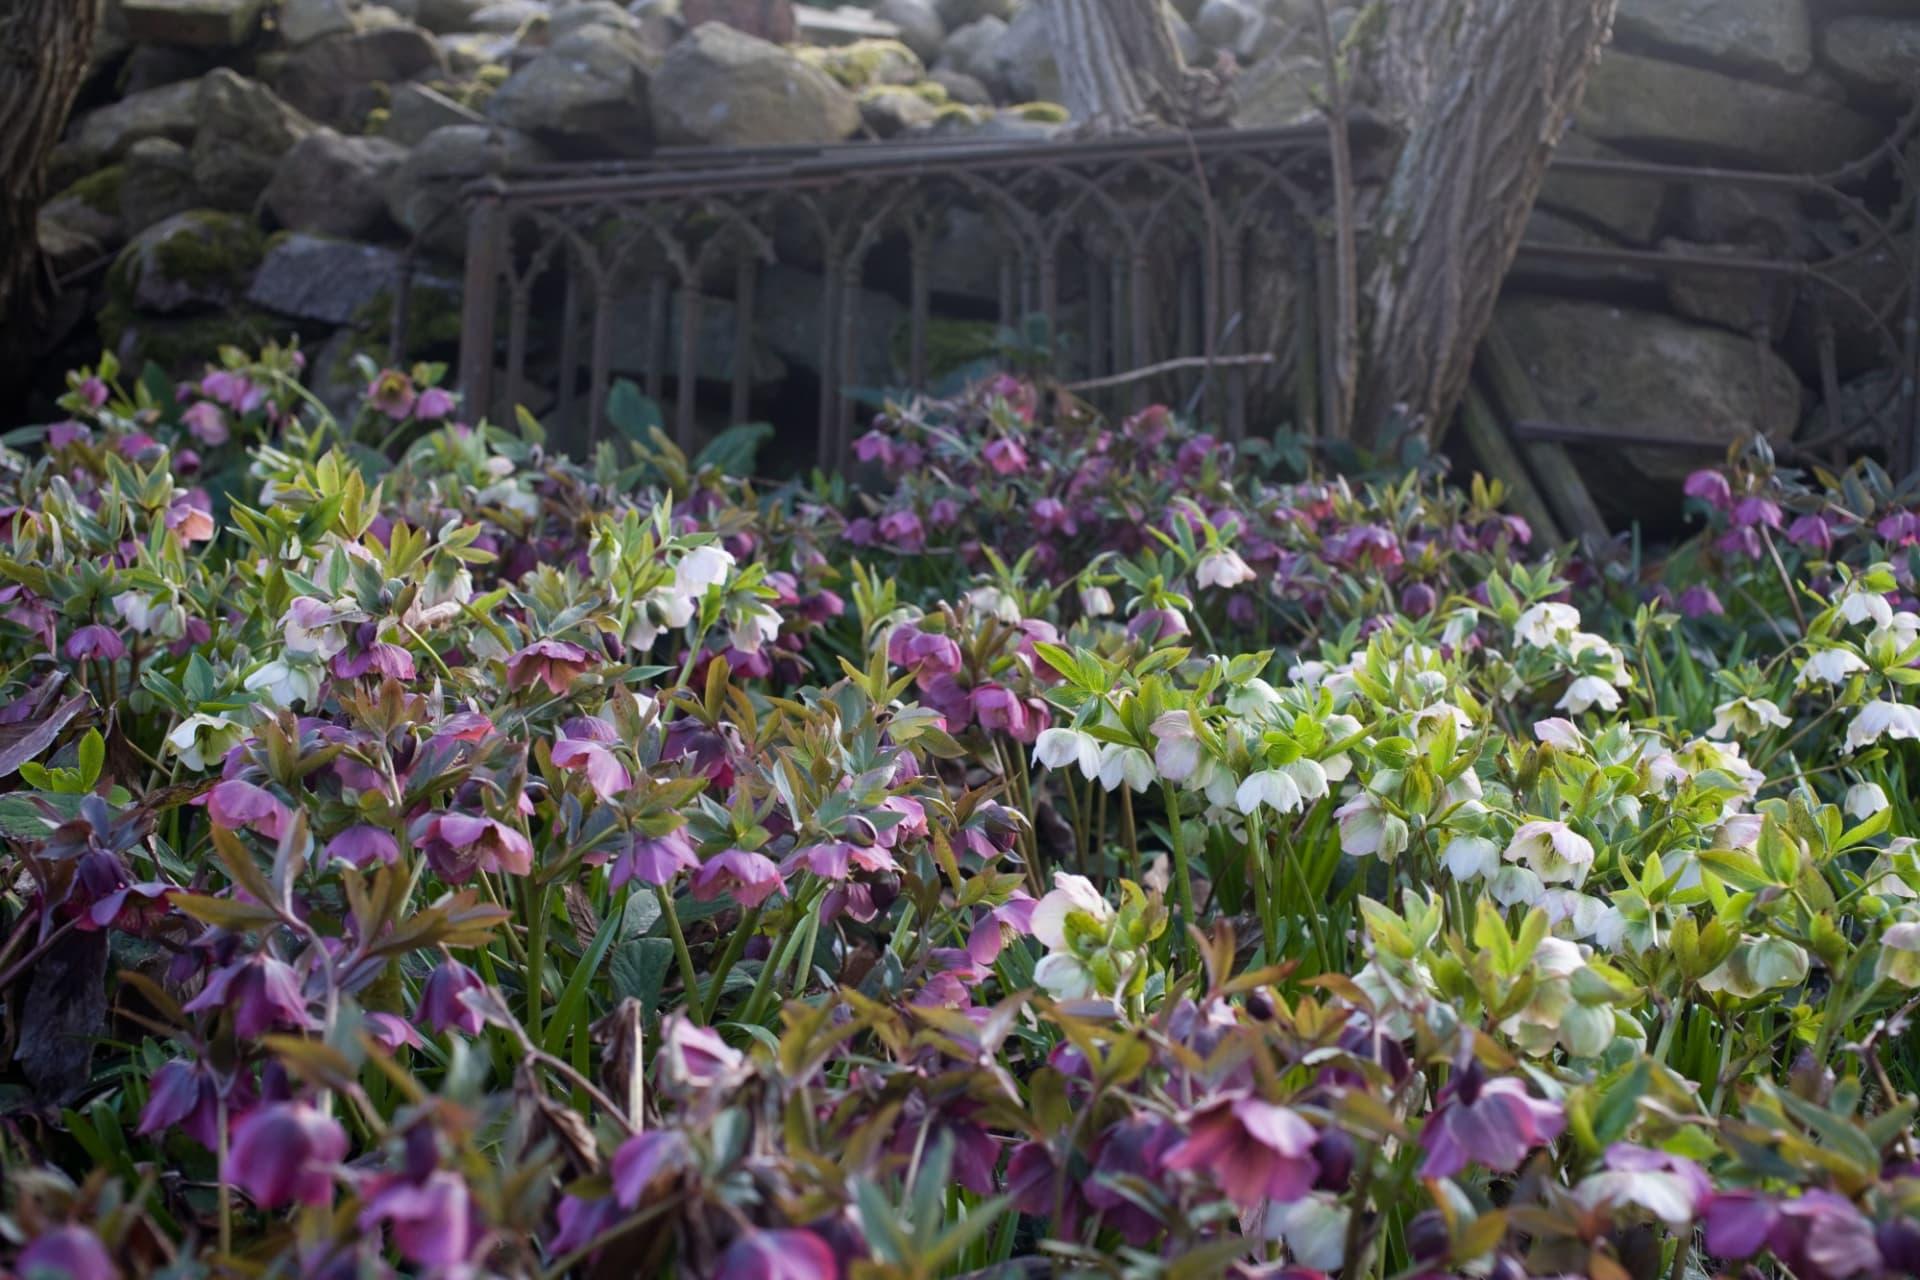 I den västra delen av trädgården ligger julroseängen. Här är det trångt om saligheten med tusentals nickande blommor. En imponerande syn!